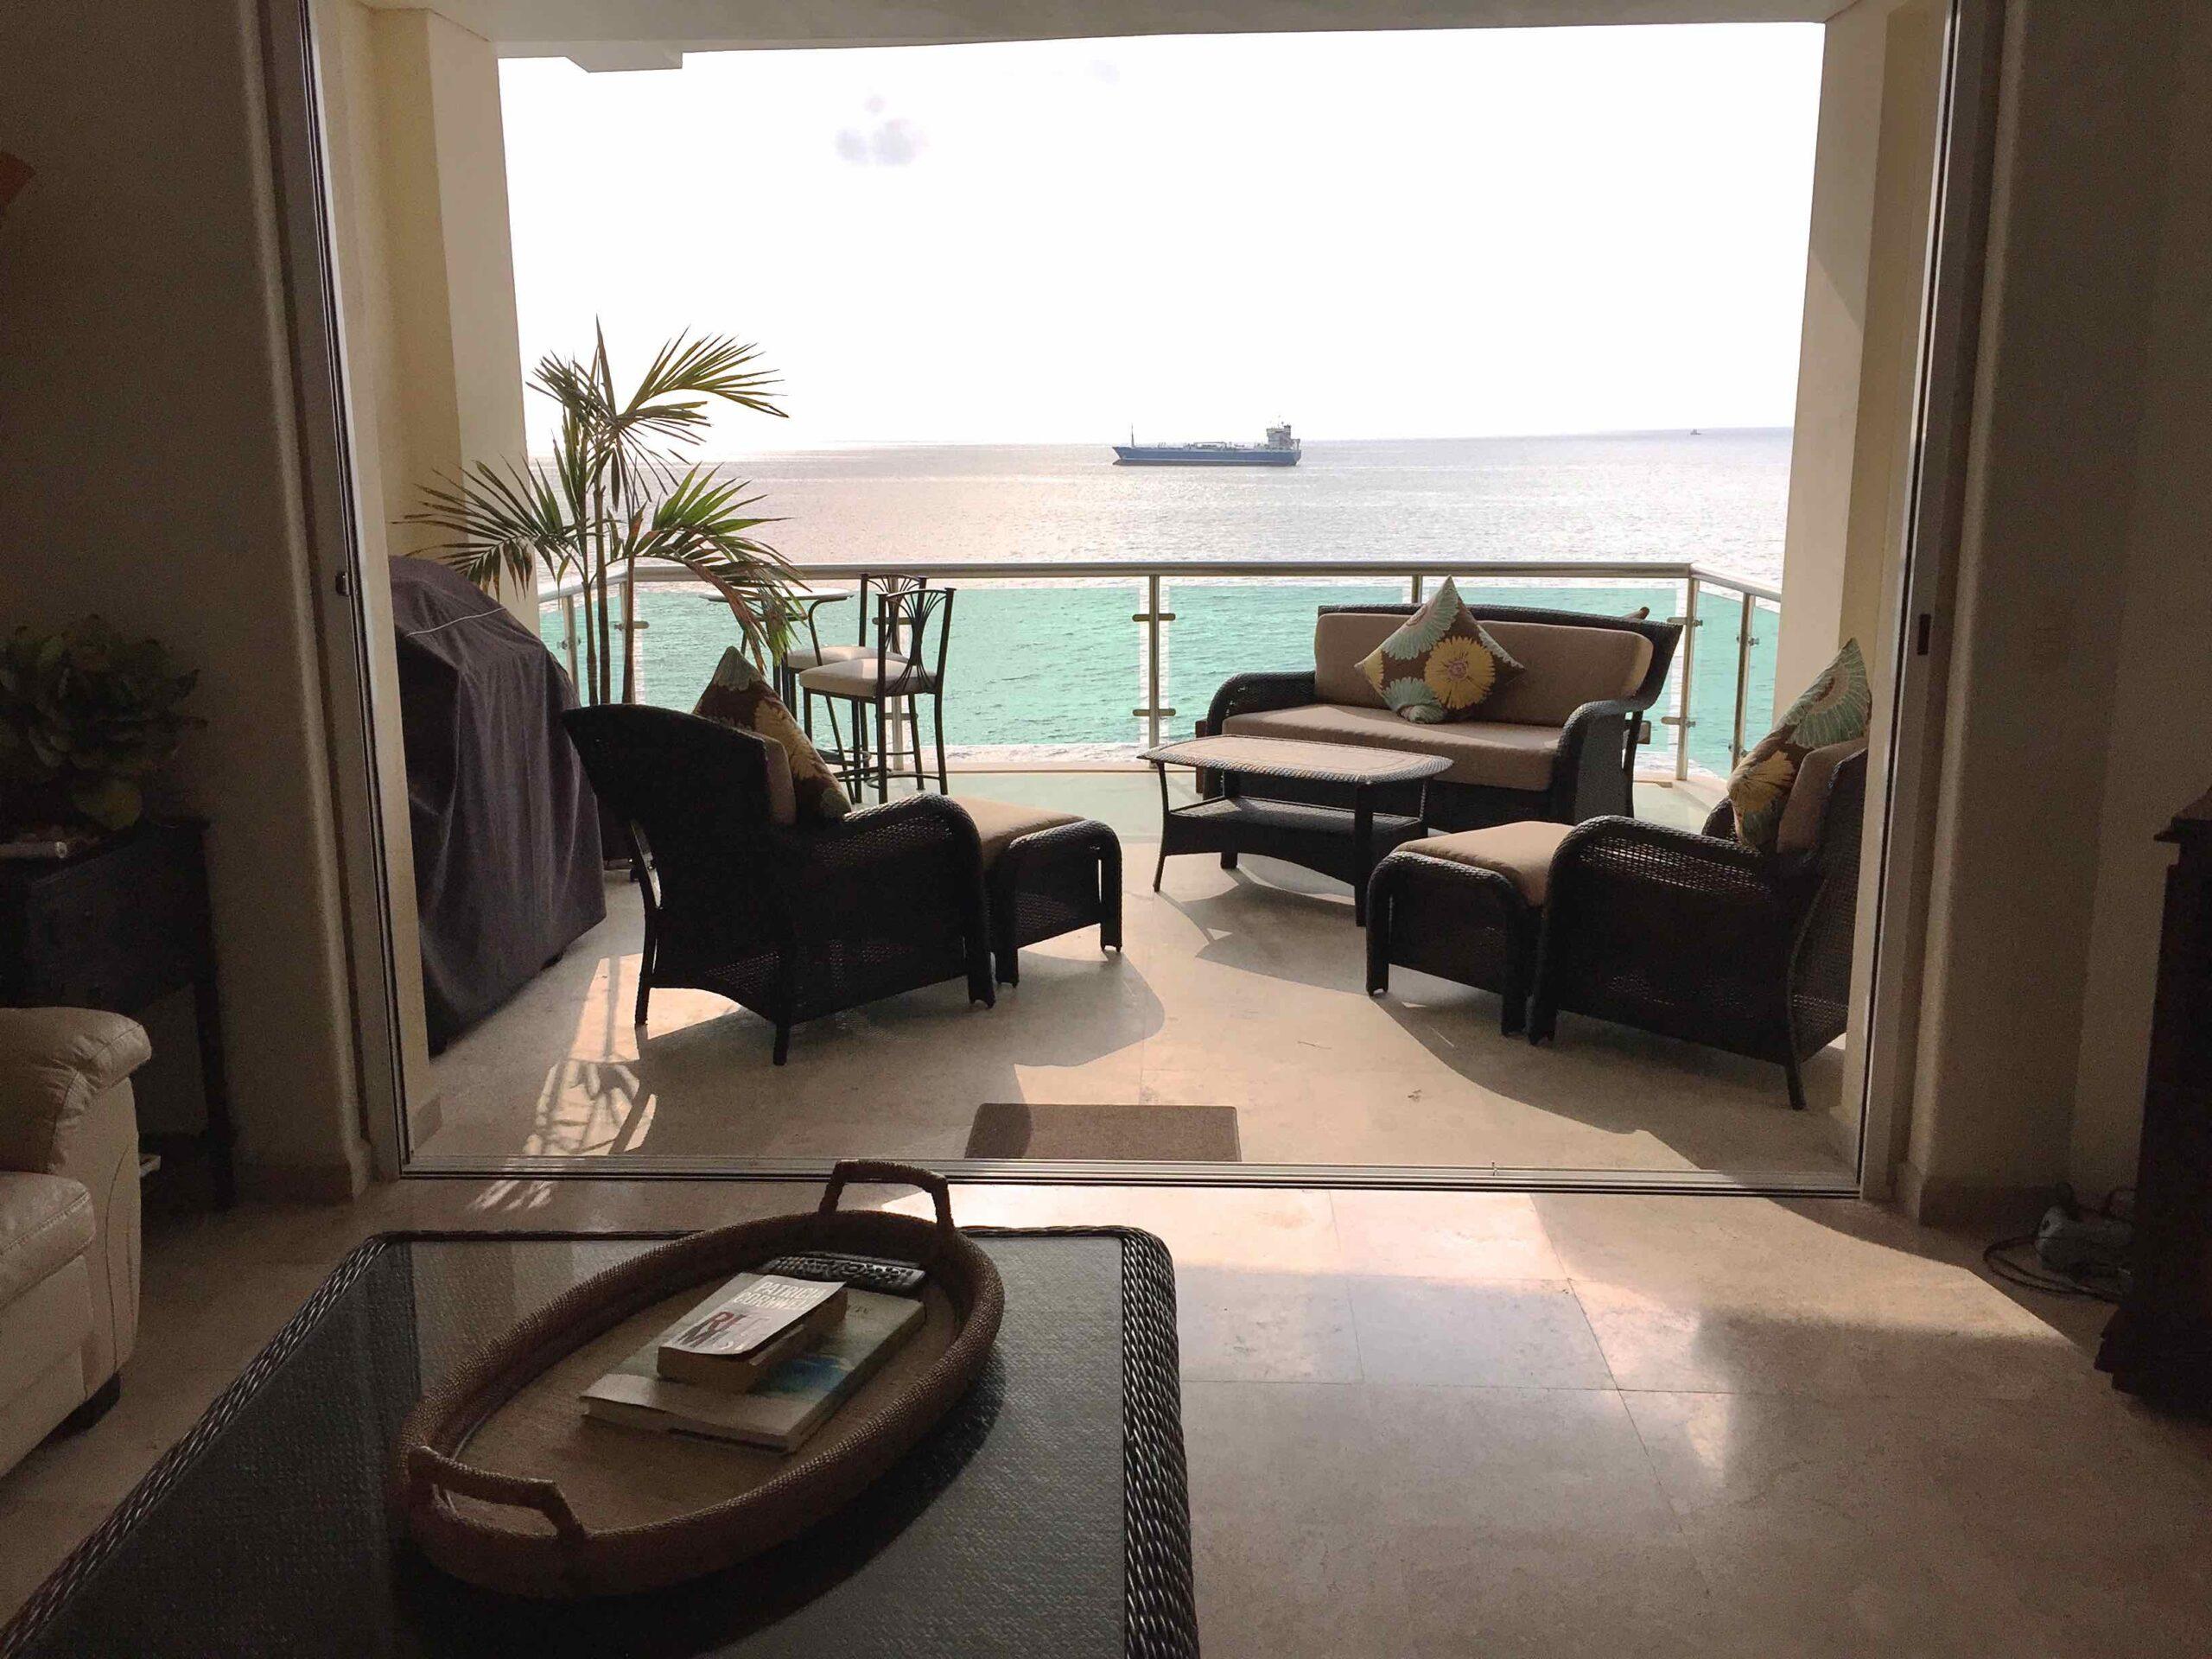 Premium Corner unit Perla del Mar 505 For Sale in Las Brisas, Manzanillo.